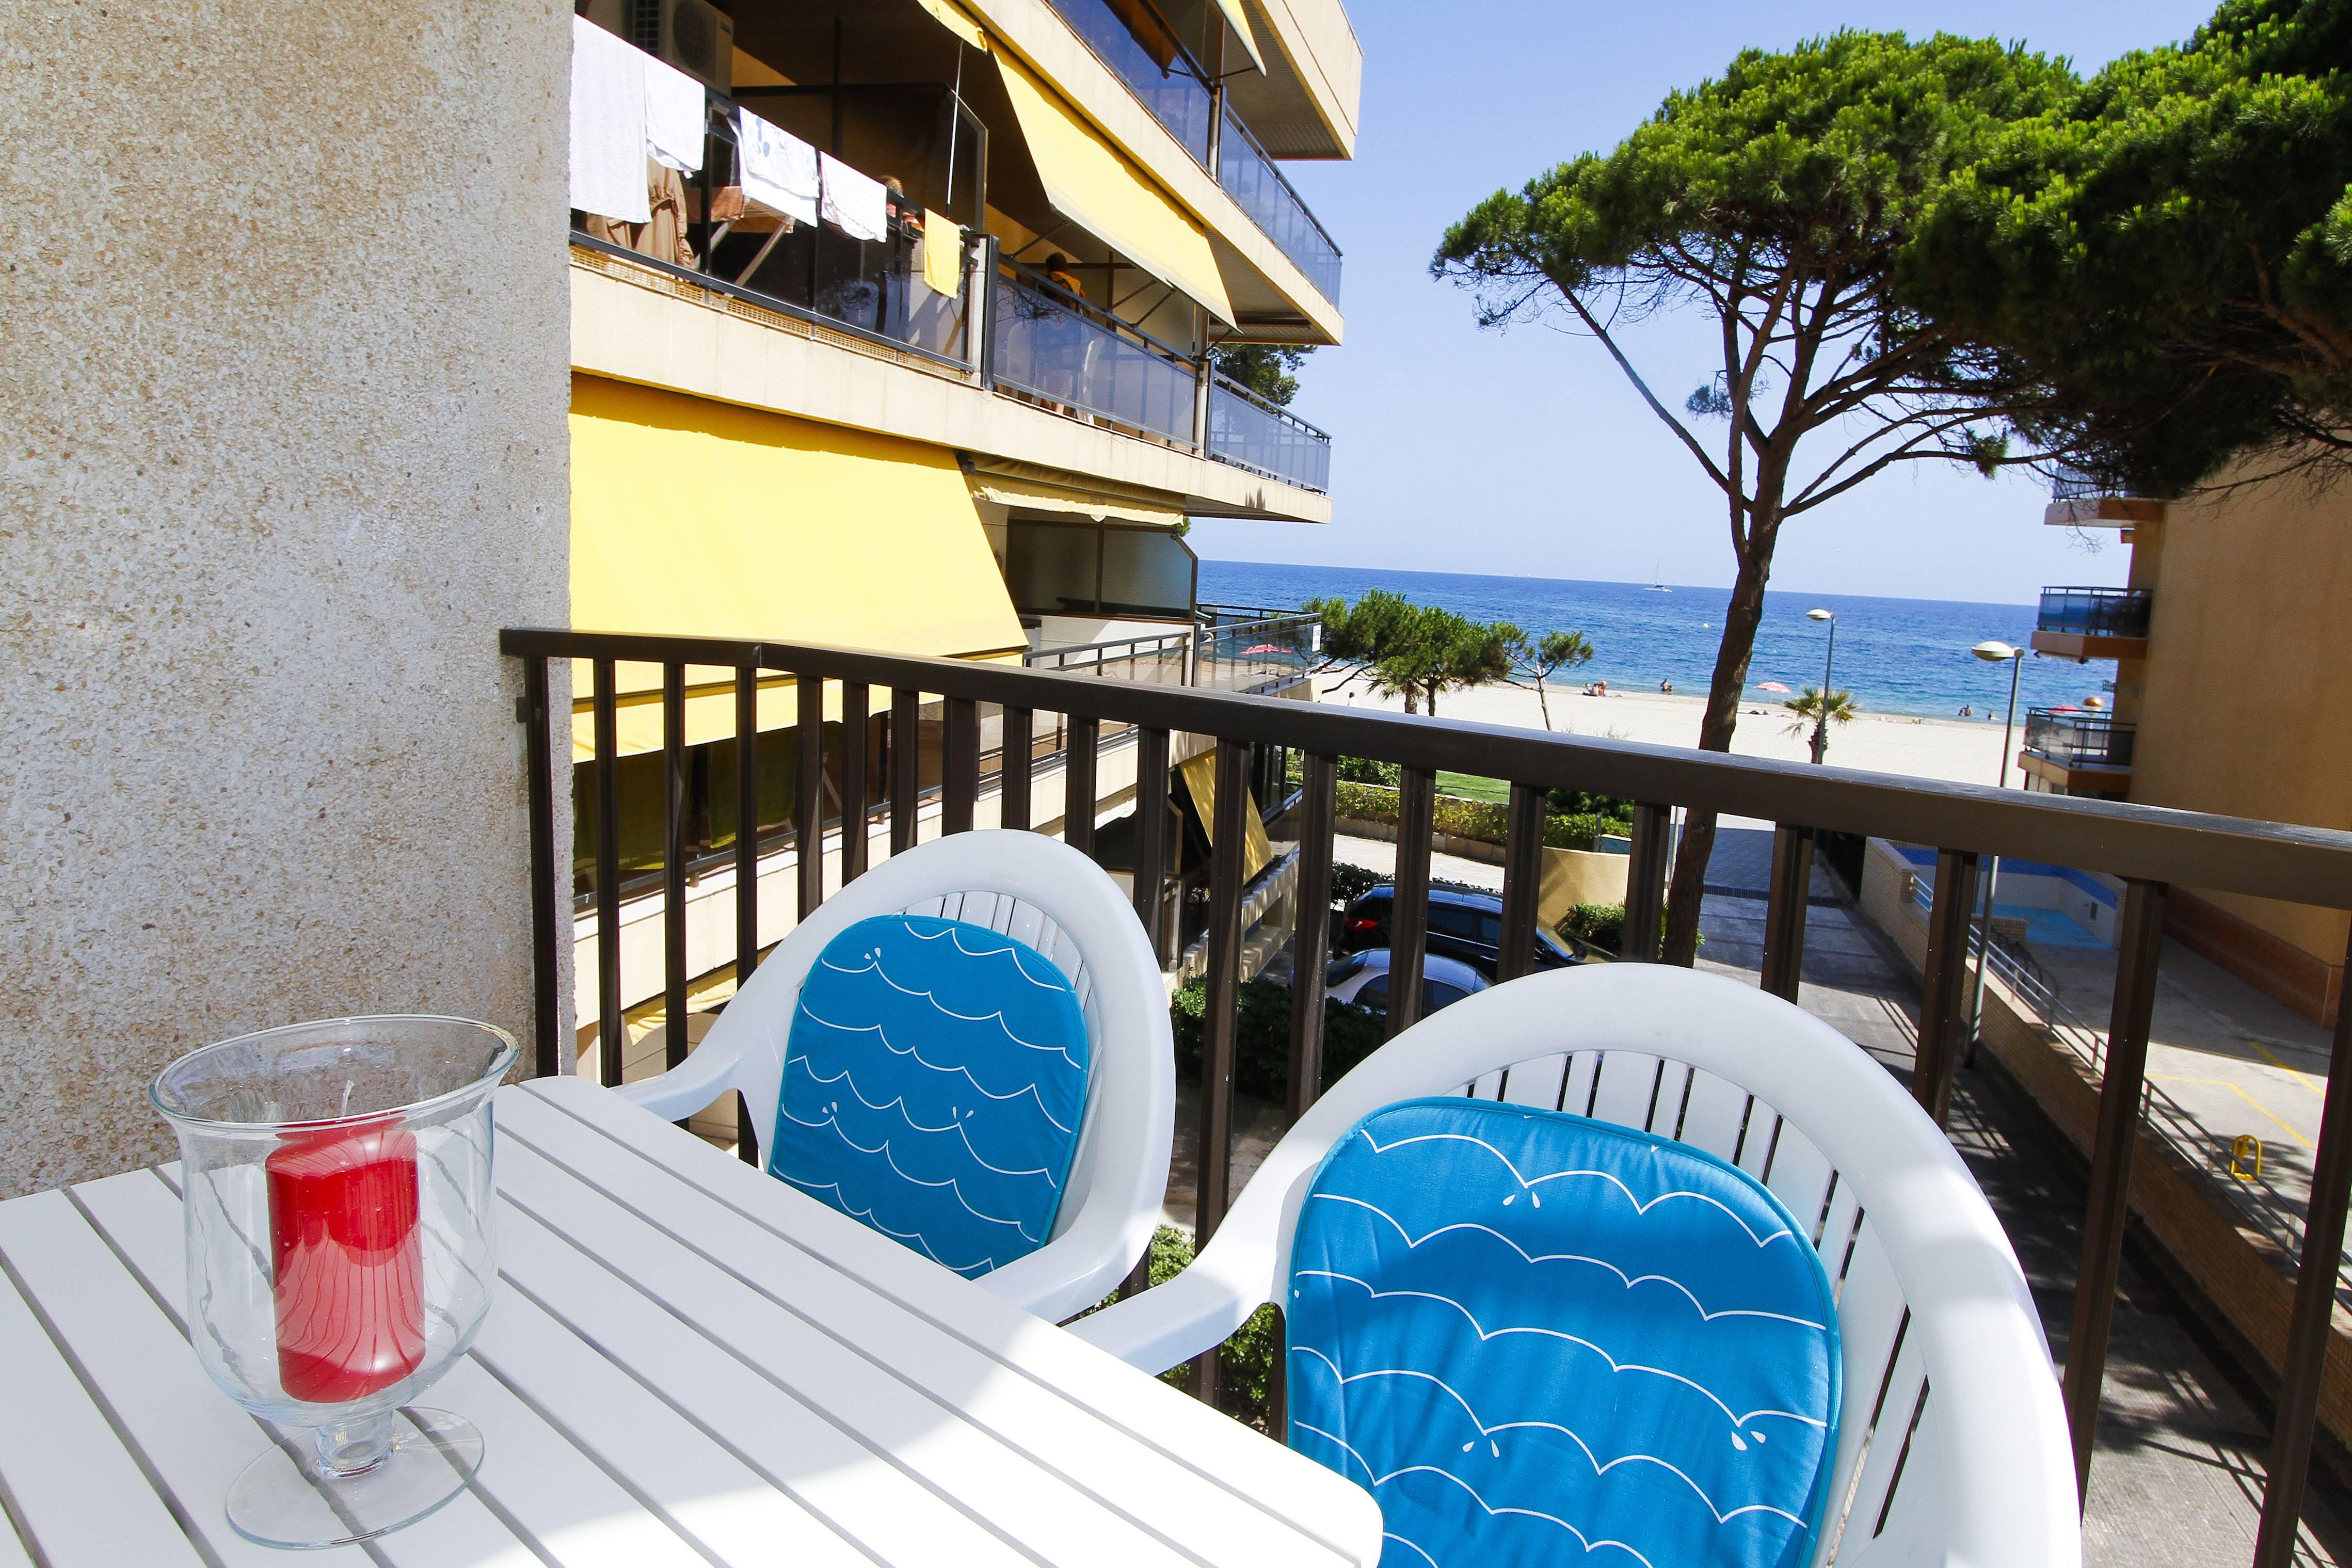 Apartamento en alquiler en 1a l nea de playa vilafortuny cambrils tarragona costa dorada - Apartamentos de alquiler en cambrils ...